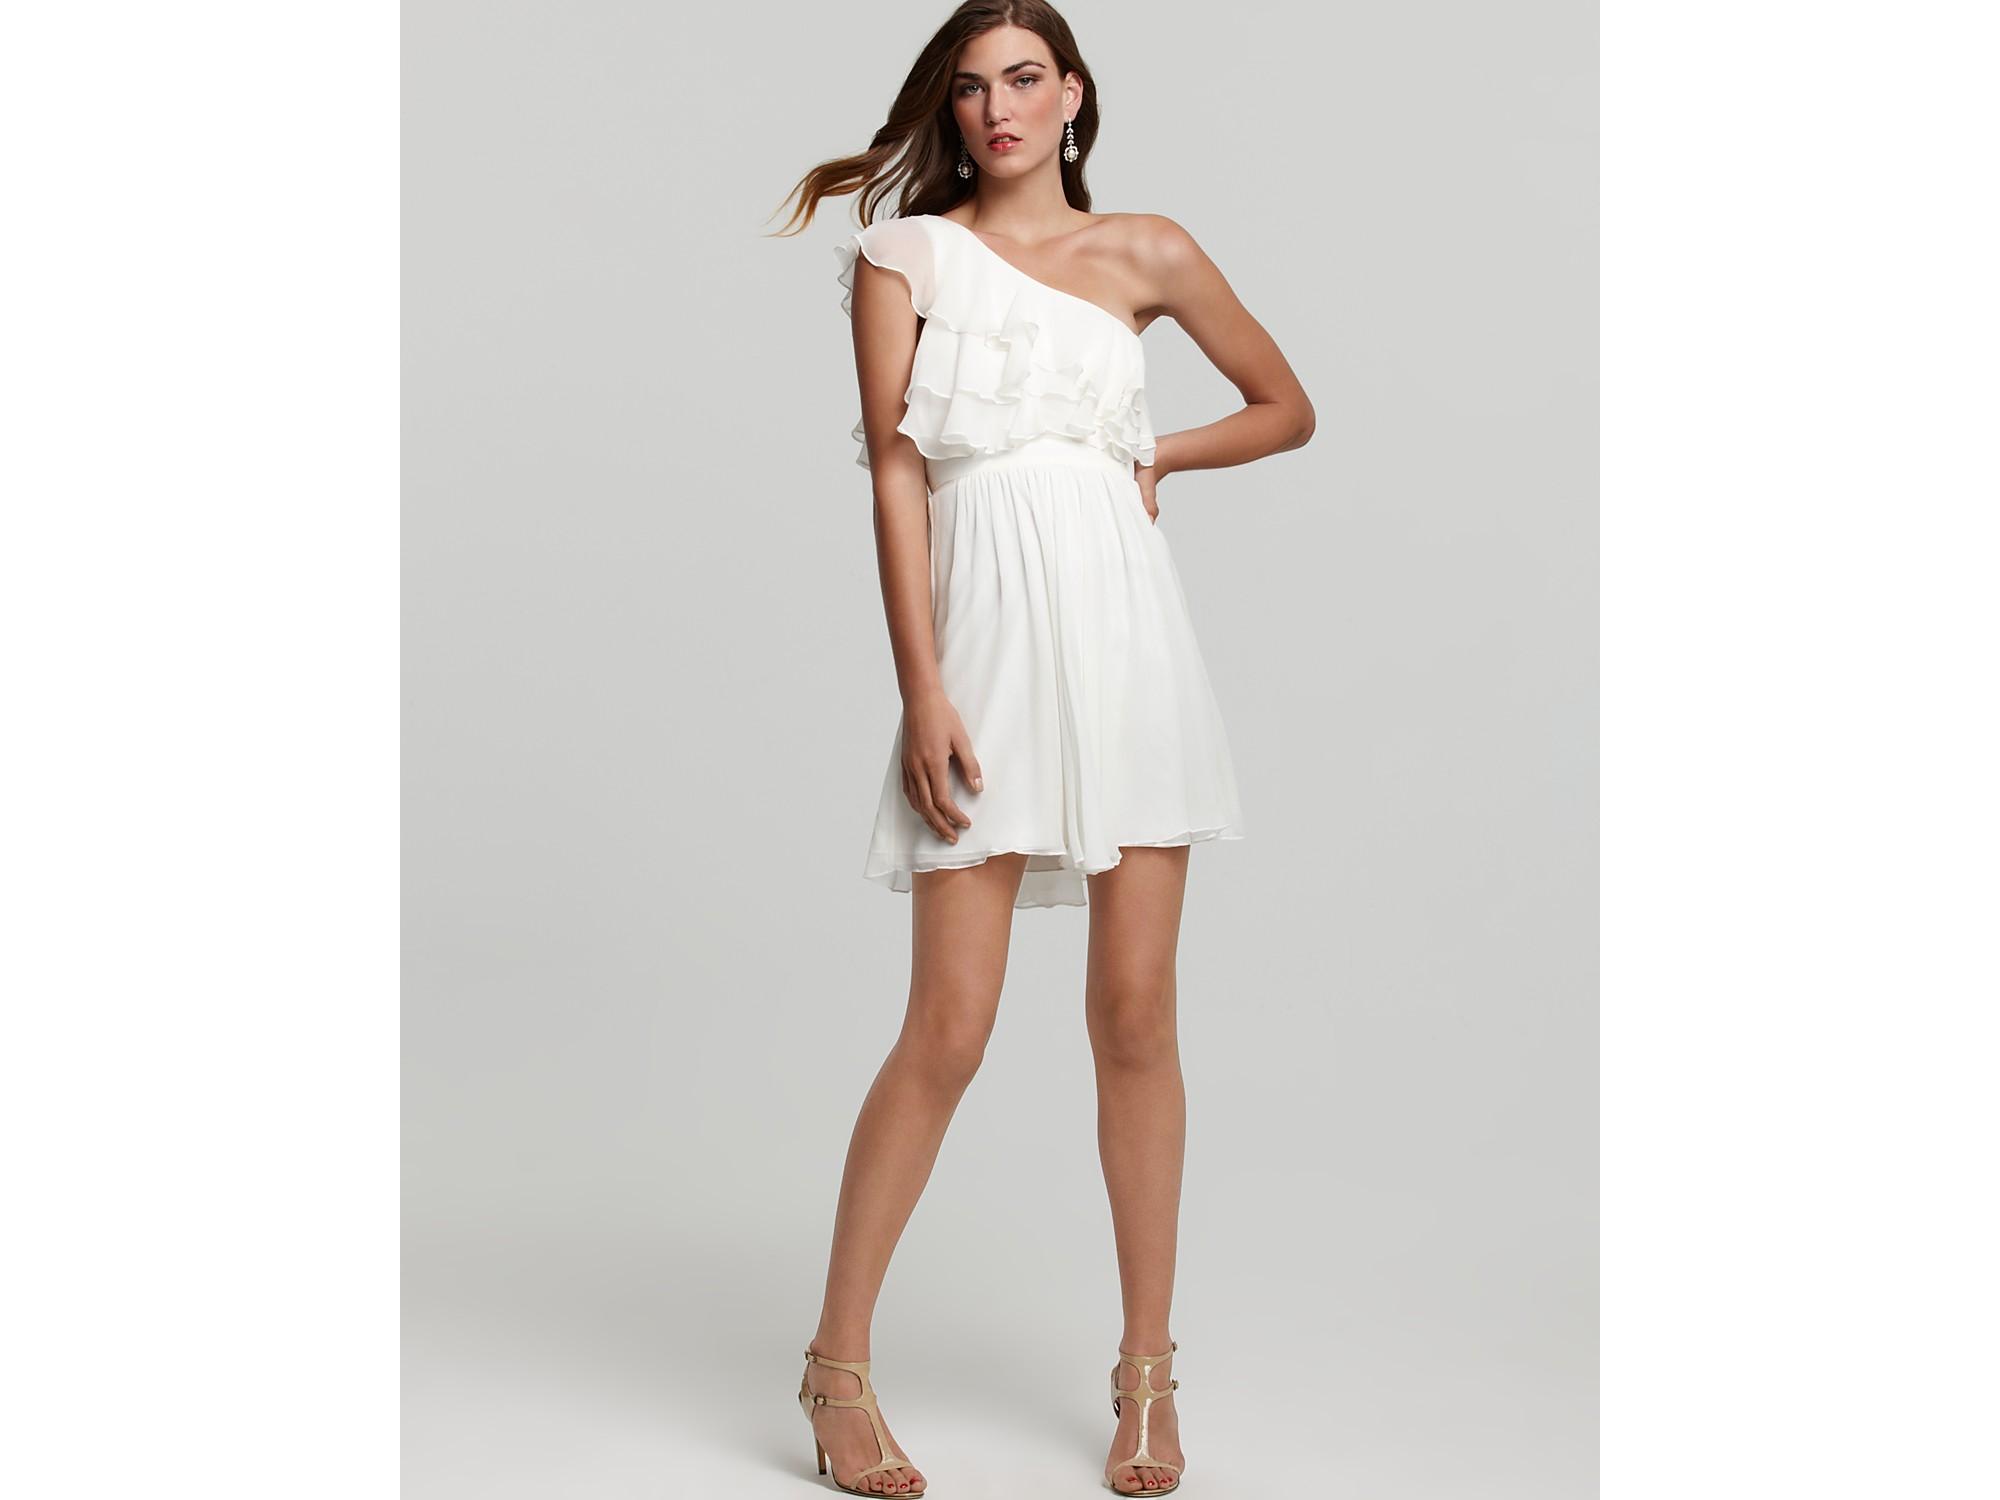 Jill Stuart Dress One Shoulder Dress Ruffle In White (off